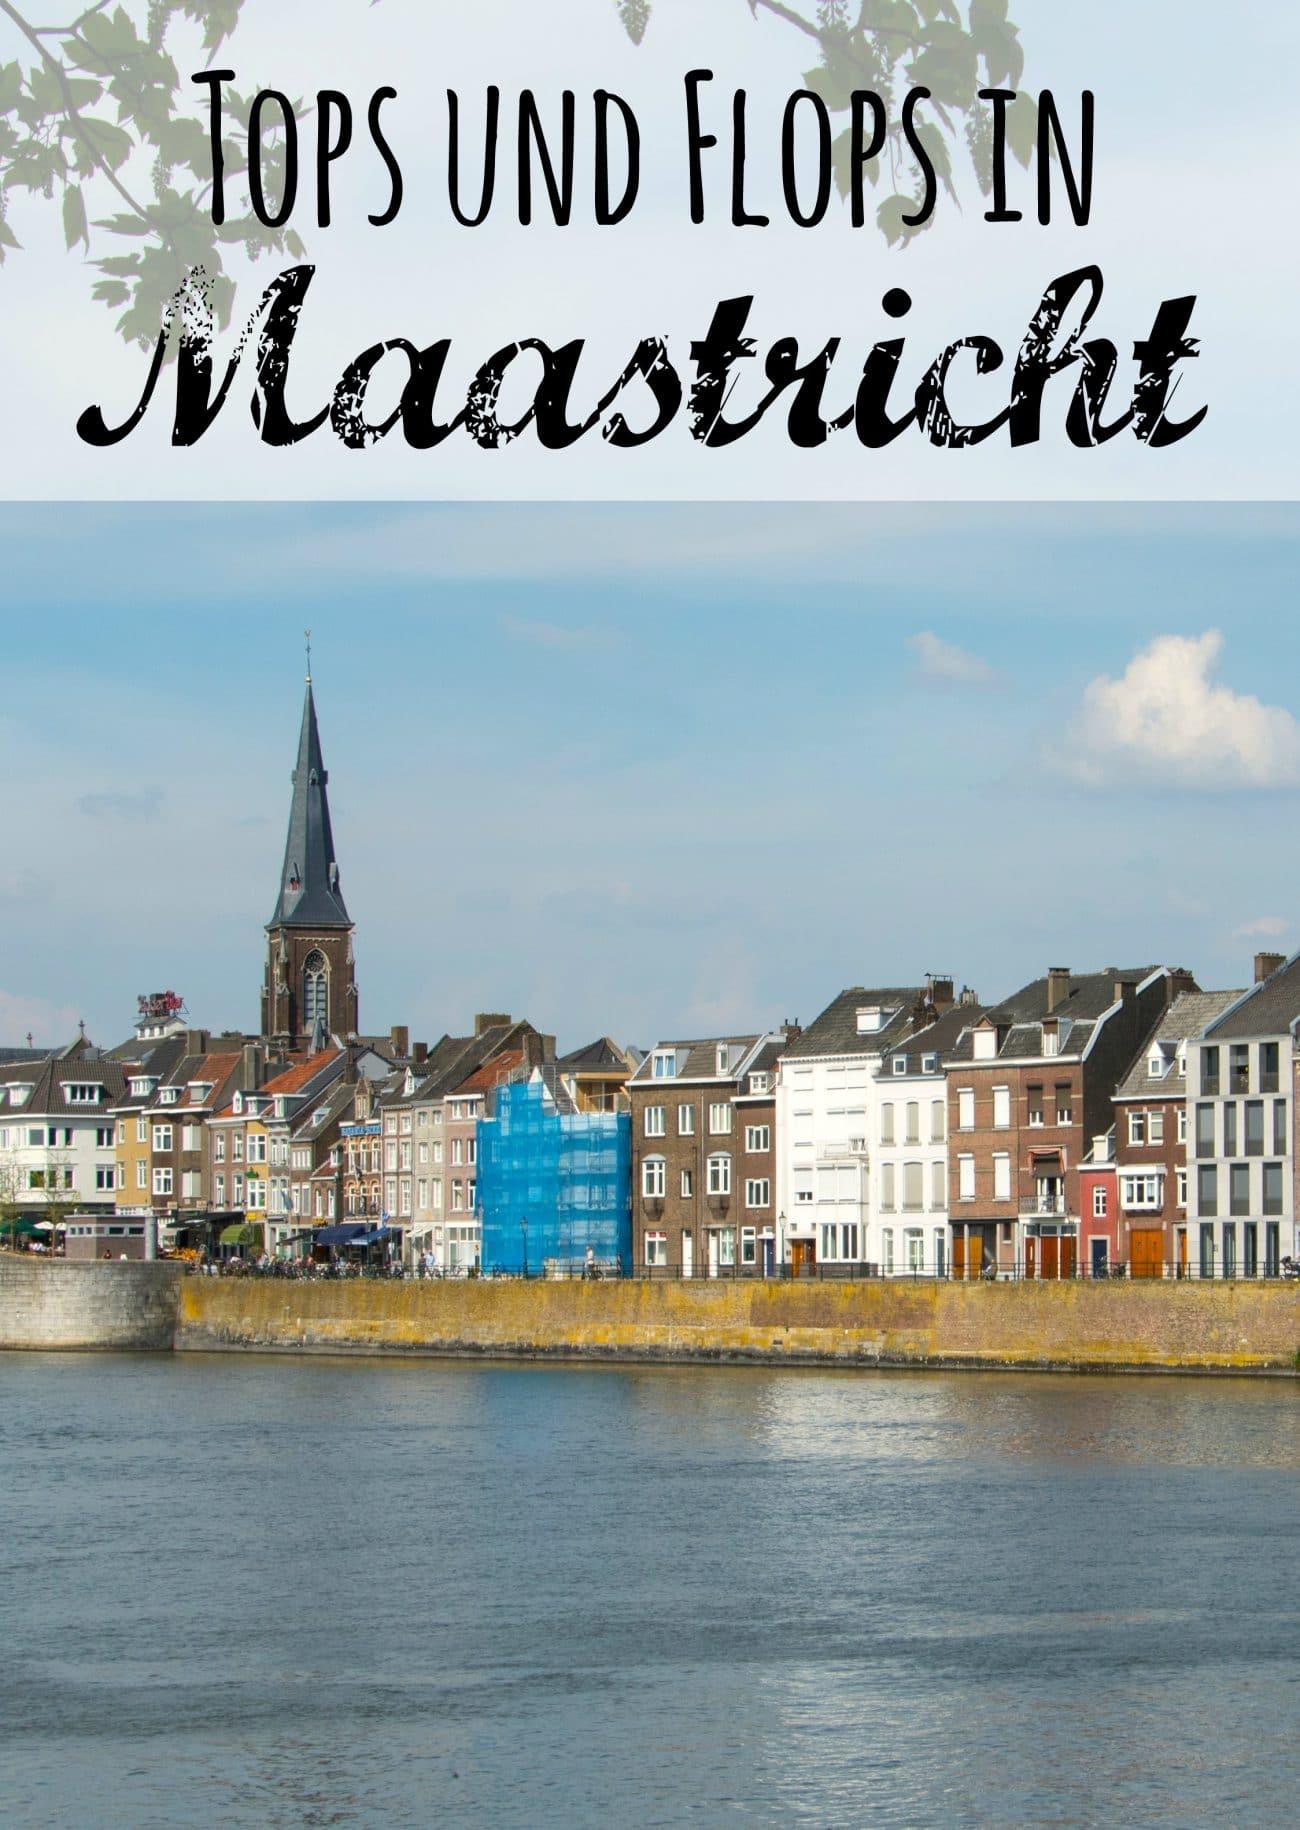 Tops und Flops in Maastricht von Passenger-x